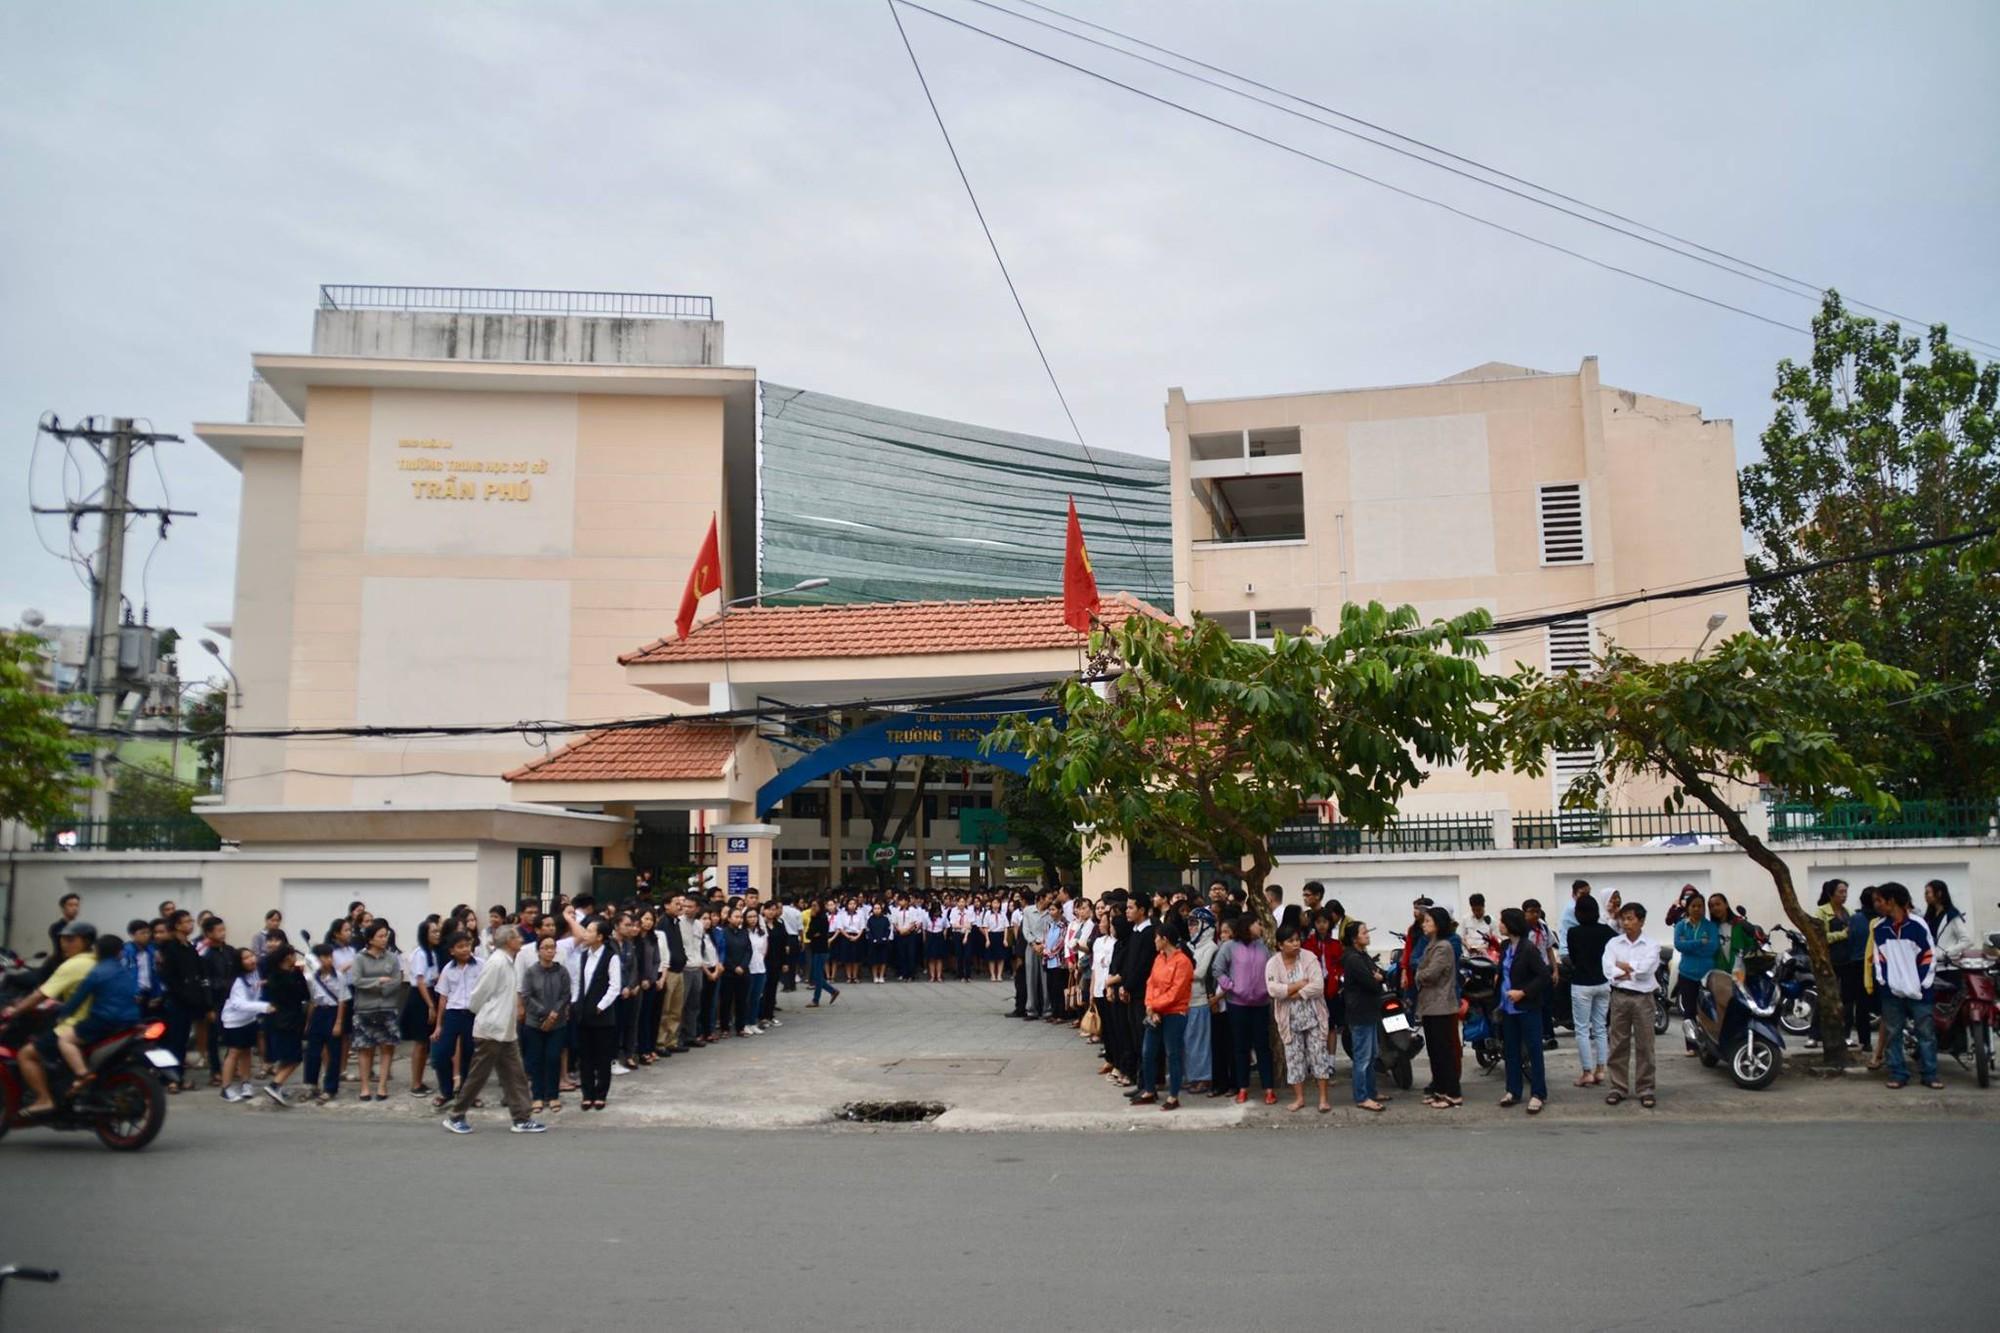 Hình ảnh xúc động: Hàng nghìn HS trường Trần Phú TP.HCM cuối đầu vĩnh biệt thầy hiệu trưởng đột ngột qua đời - Ảnh 5.